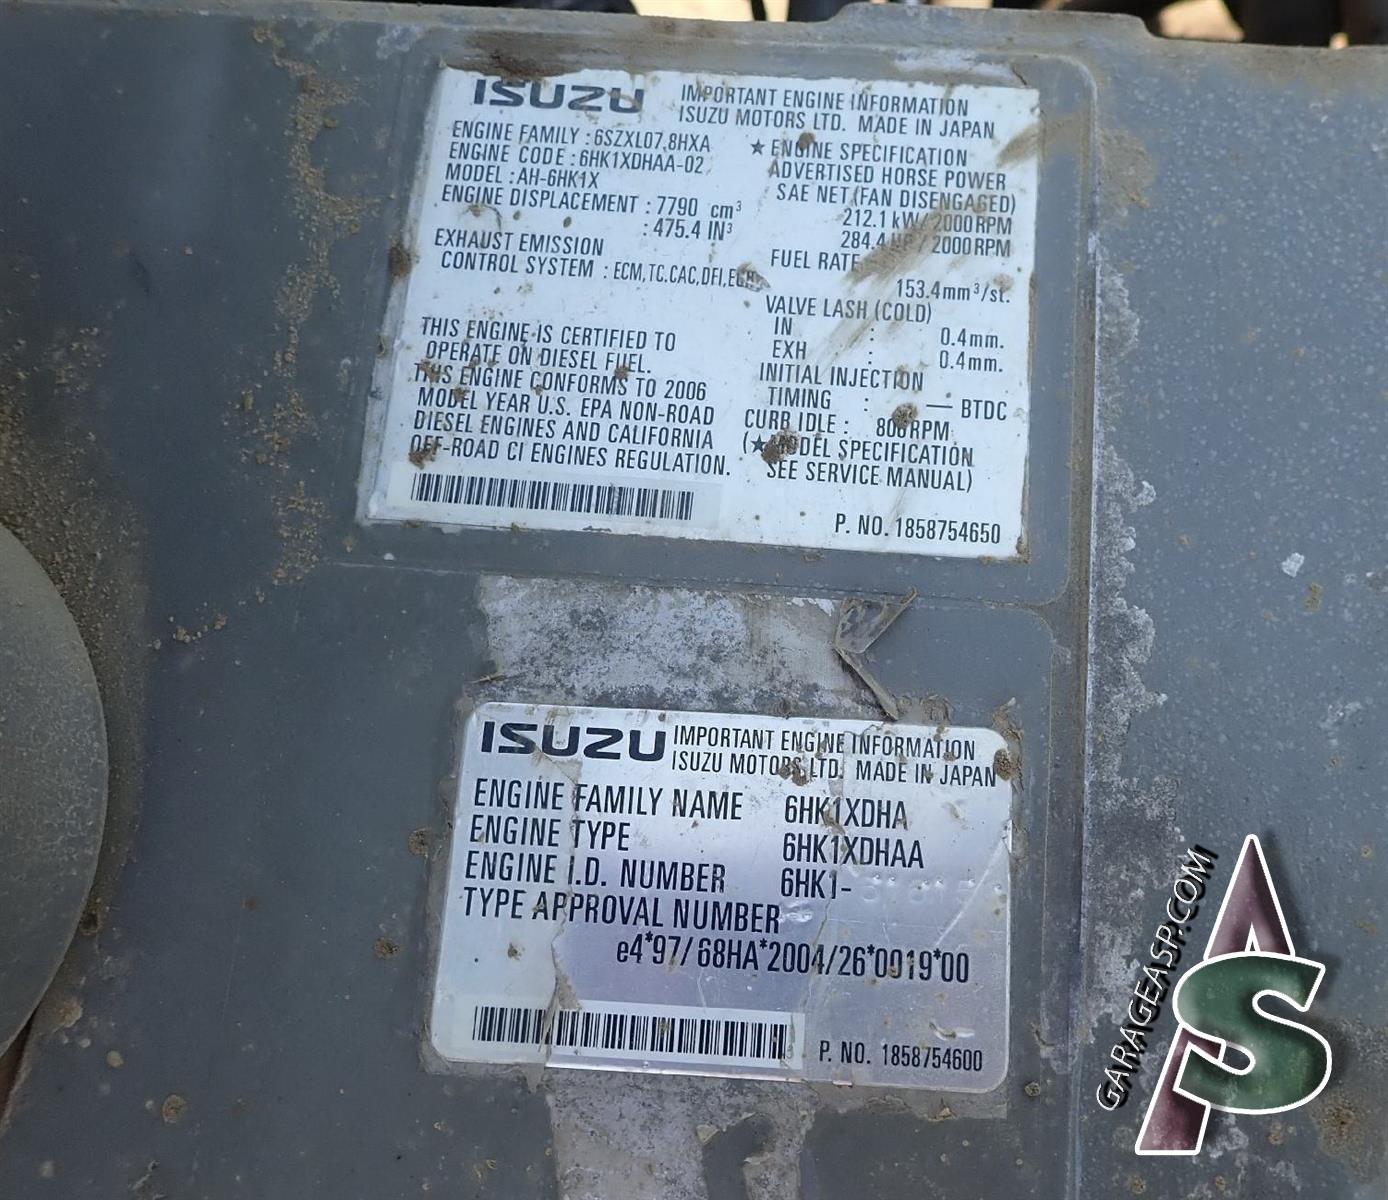 2002 Isuzu Trooper 35l Engine Cylinder Head Gasket Set Hgs353 26 4he1 Diagram 266 Link Belt Ls 3400c Ii 6bg1t502707 Compression Basse Kbh0447 6bg1t